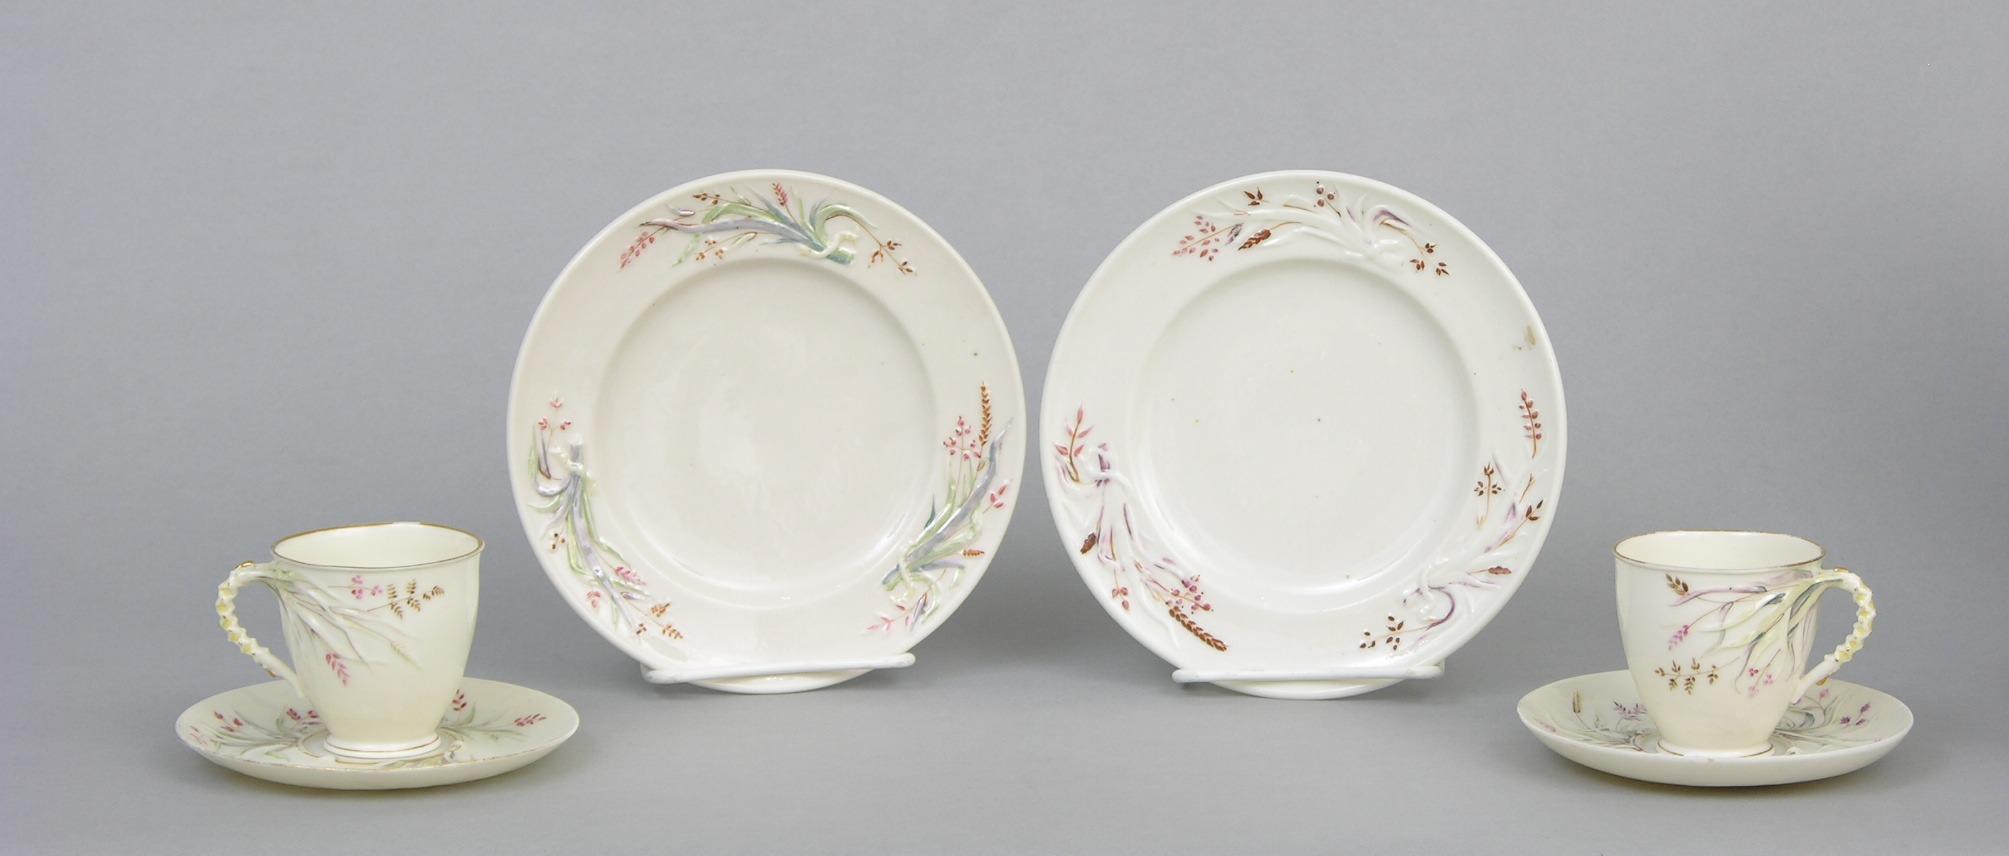 Belleek Grass Tea Cups Saucers u0026 Plates First Period (1863 - 1890) & Belleek Grass Tea Cups Saucers u0026 Plates First Period (1863 - 1890 ...